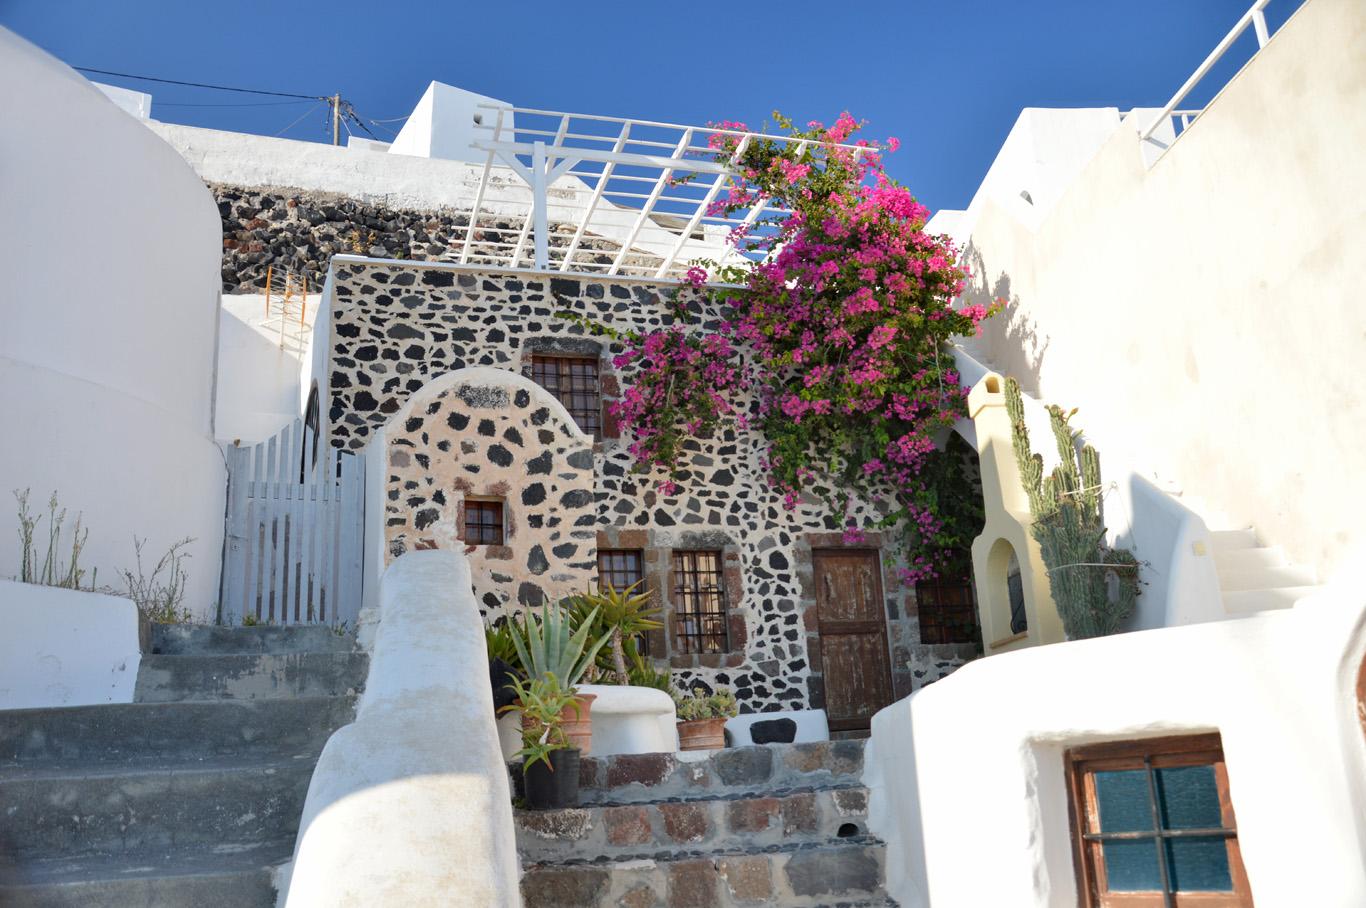 A house in Imerovigli